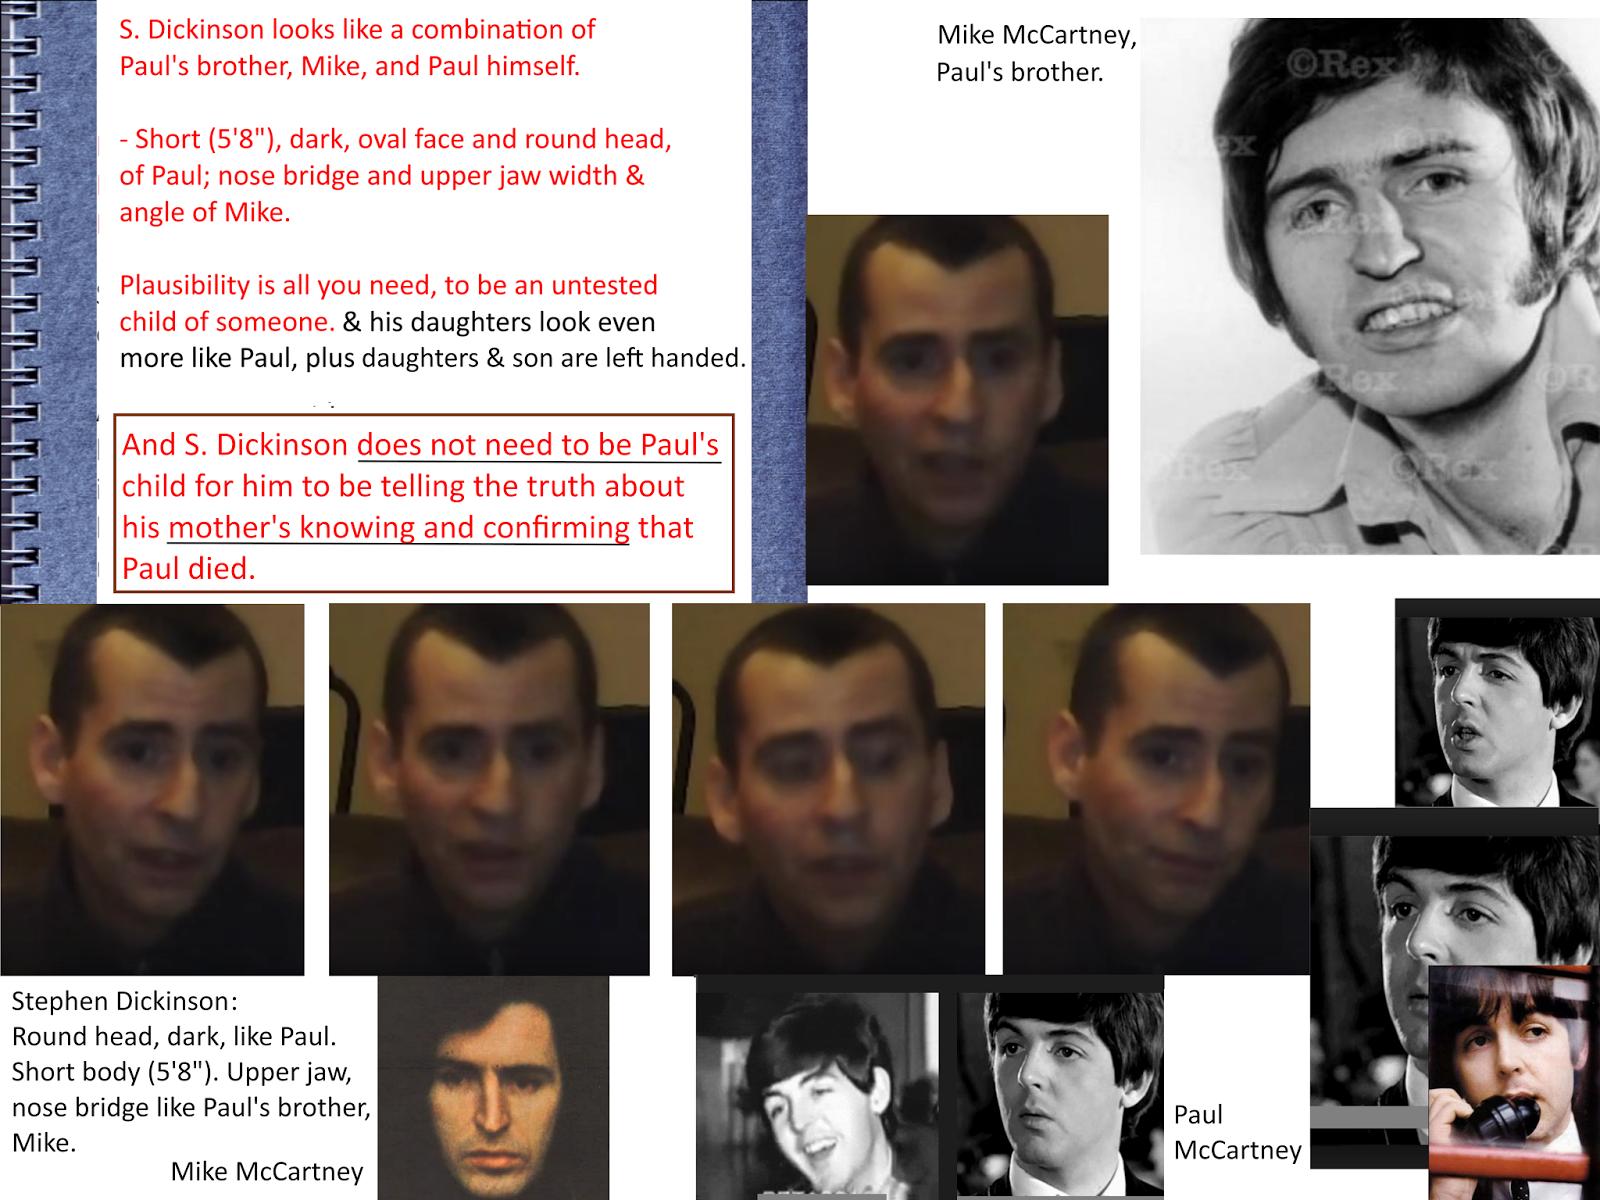 Stephen's gelijkenis met Mike McCartney